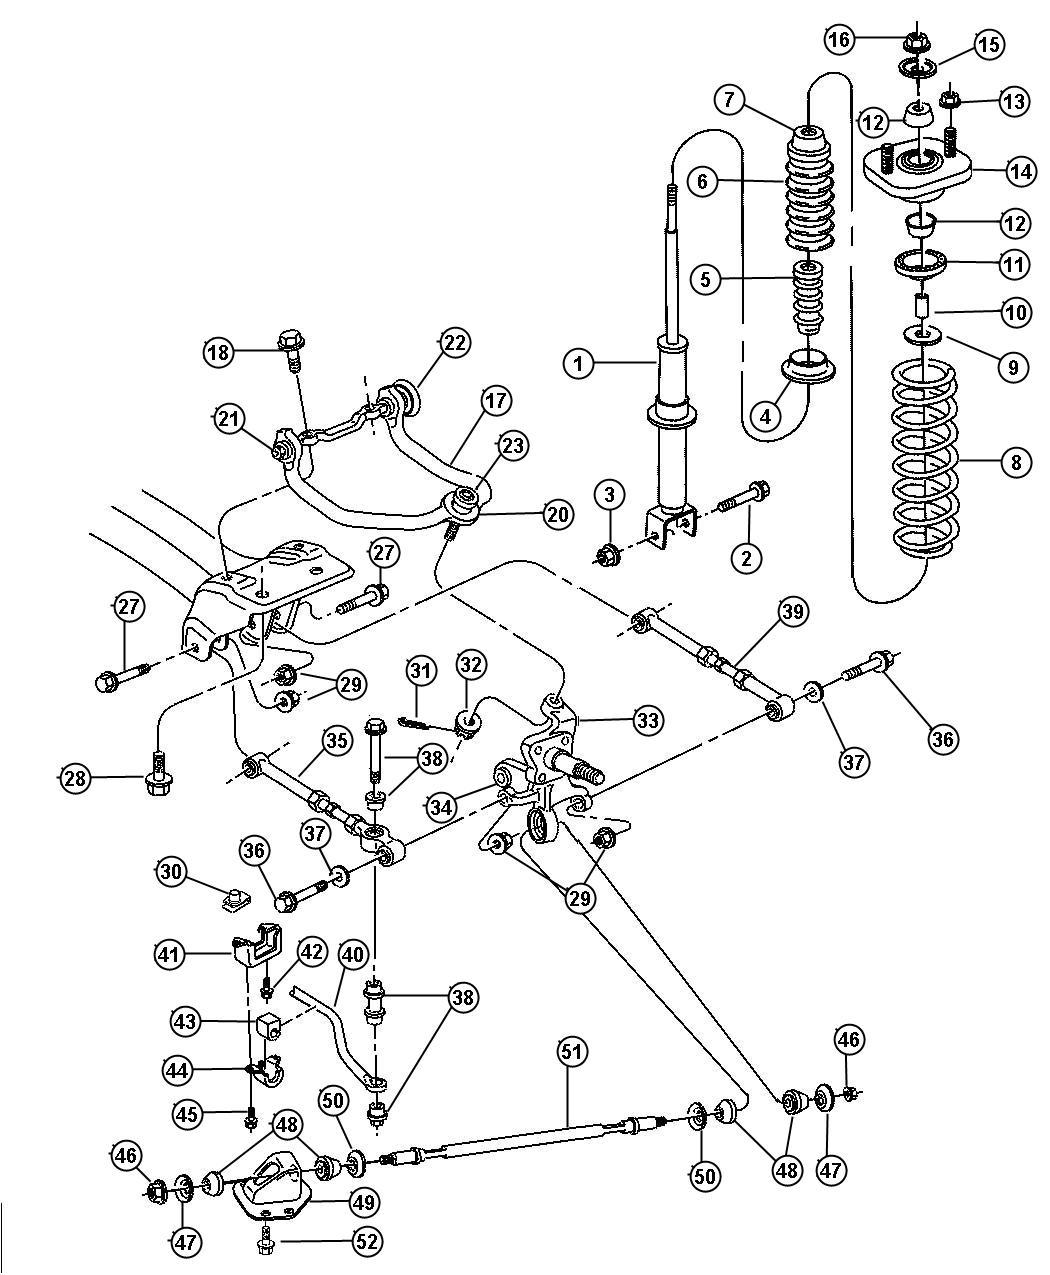 98 Chrysler Sebring Engine Diagram